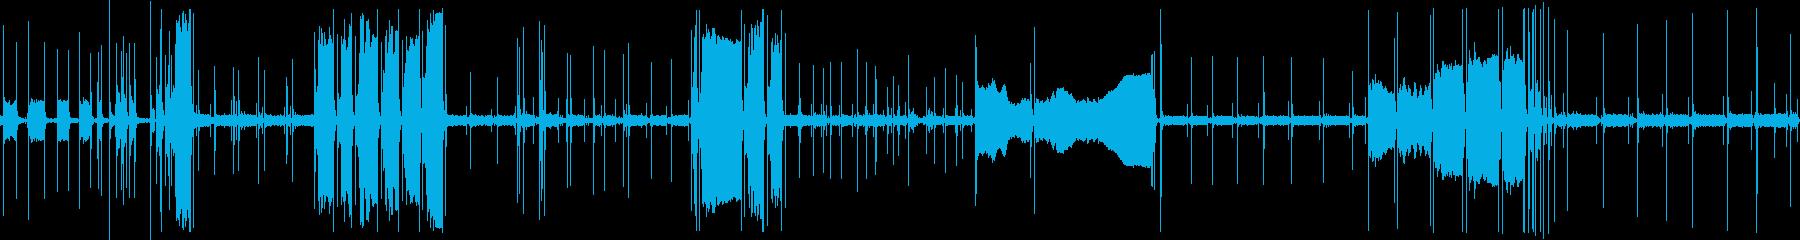 フォークリフトハイドロリッククラン...の再生済みの波形